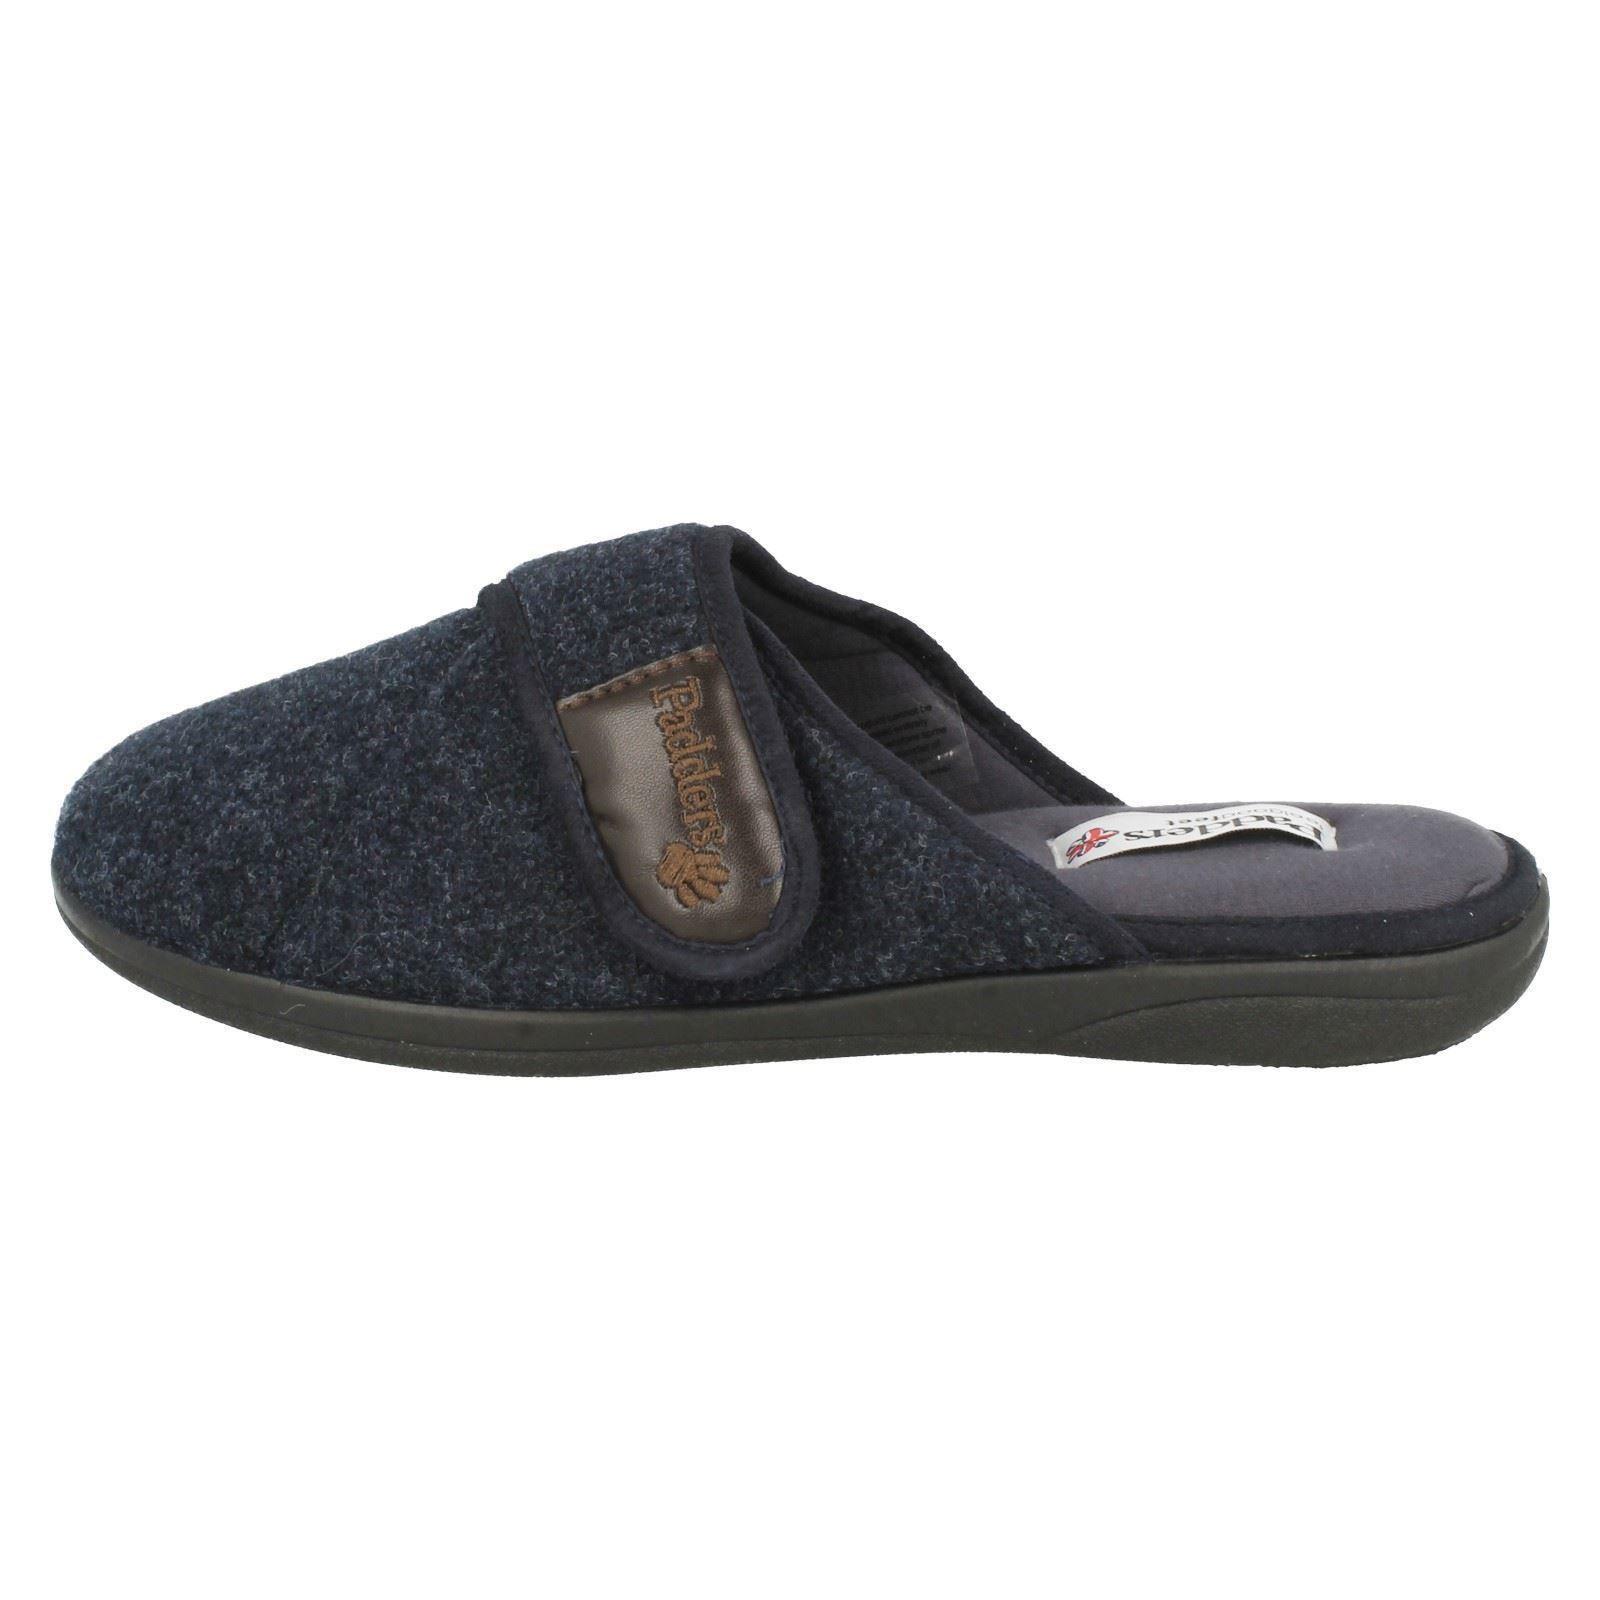 Mens Memory Foam Shoes Uk